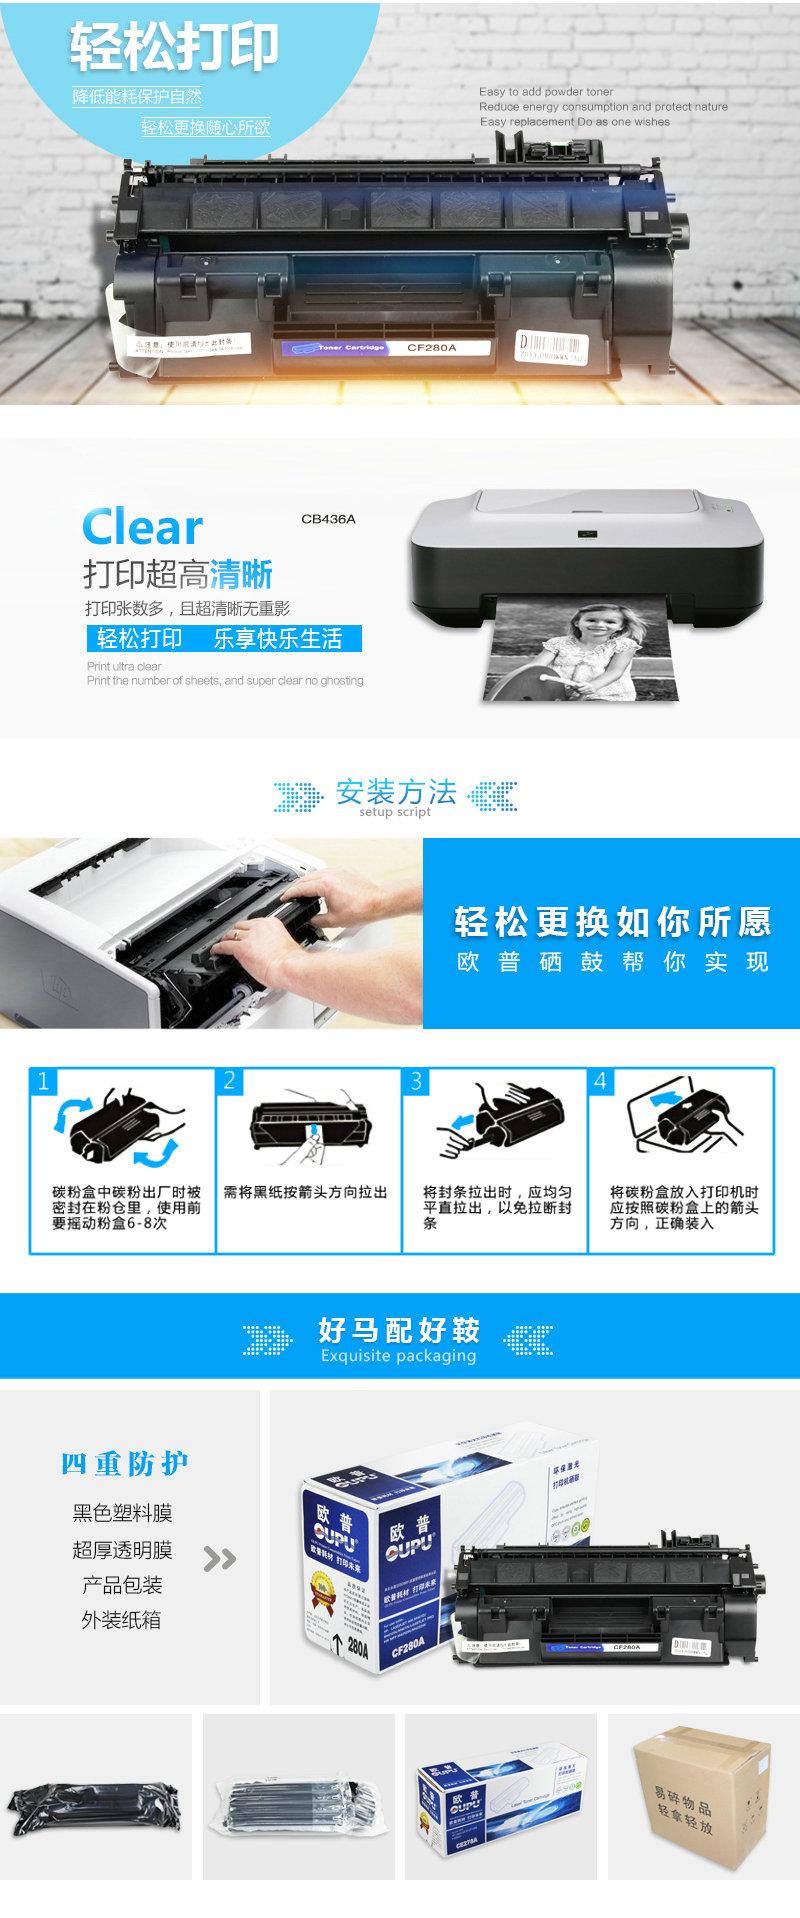 欧普CF280A打印机万博体育手机官网登录普通02